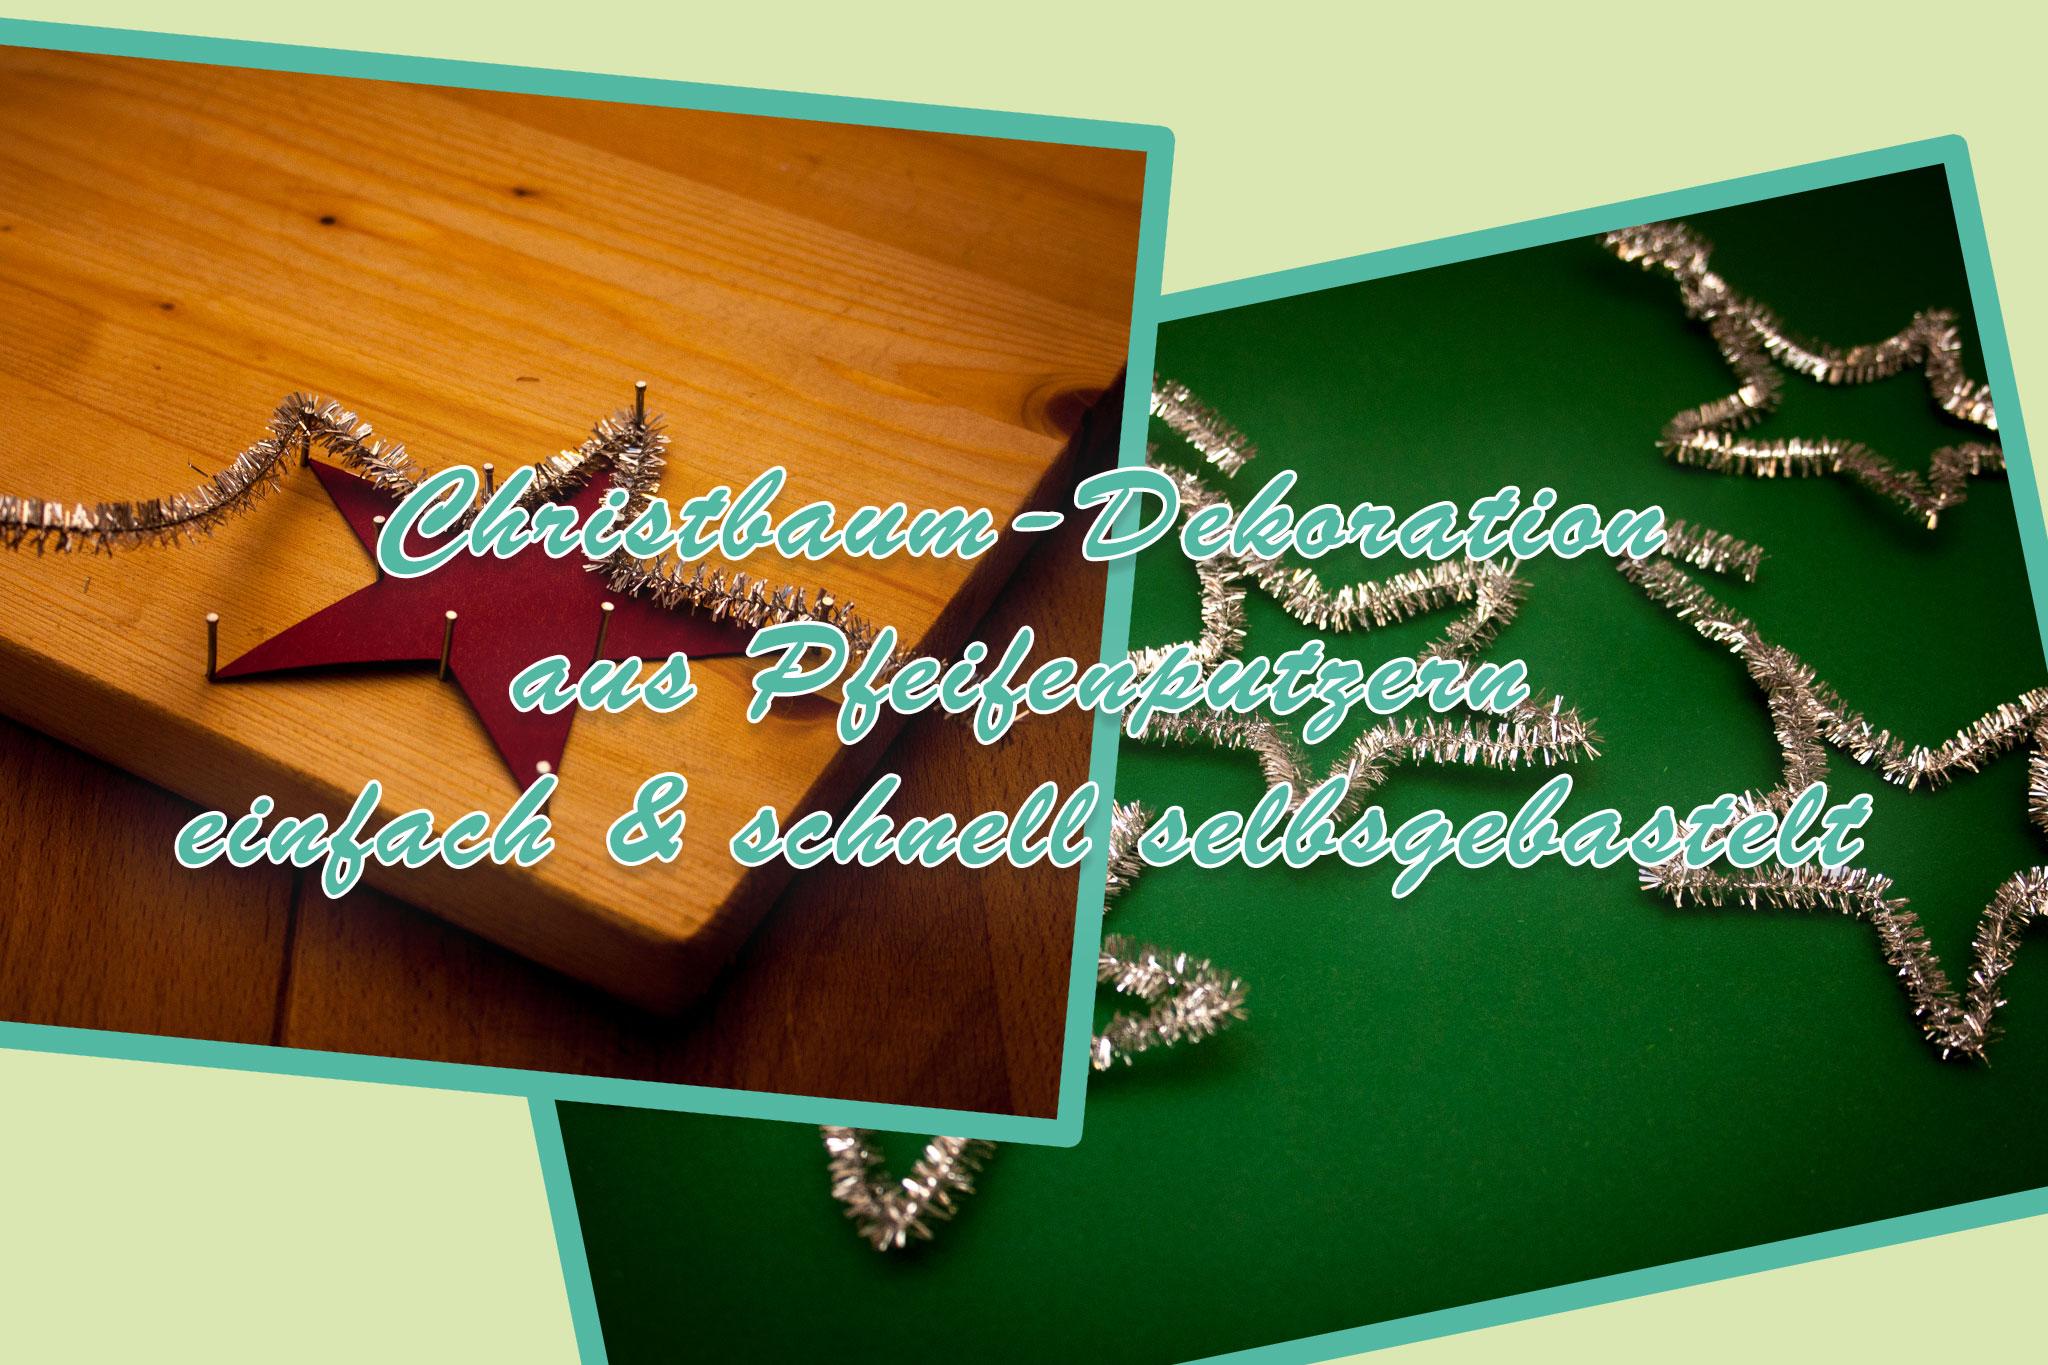 christbaumschmuck zu weihnachten aus pfeifenputzern schnell und einfach mit den kindern. Black Bedroom Furniture Sets. Home Design Ideas